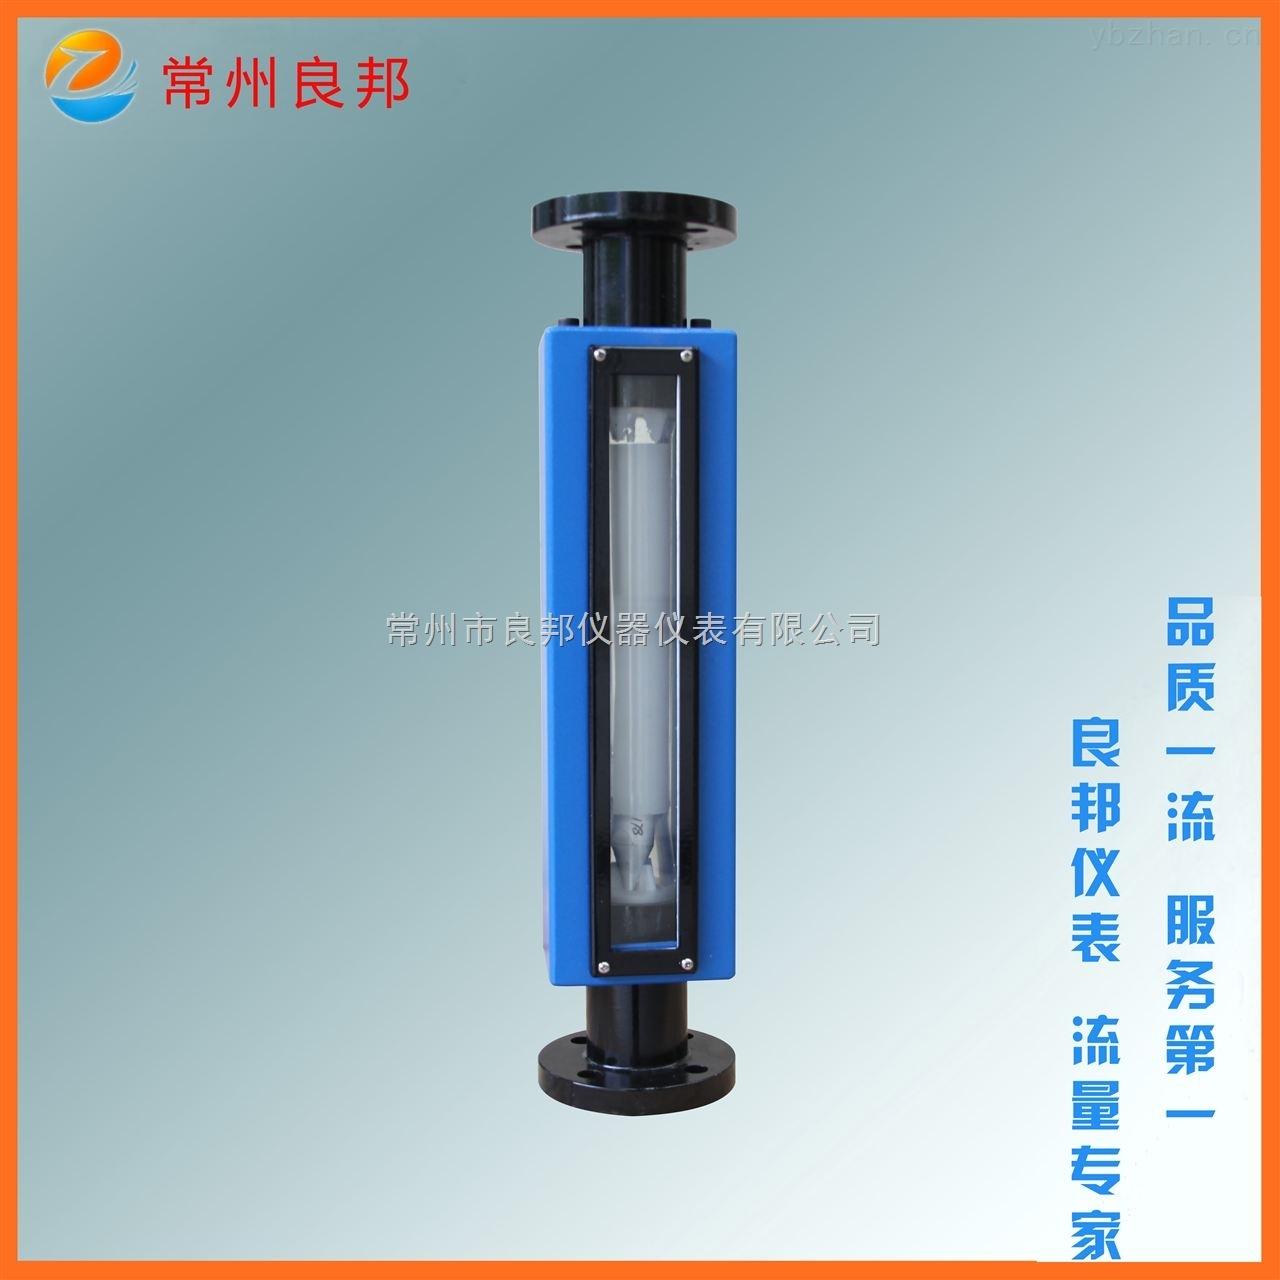 GA24-25引進玻璃轉子流量計 國產優質廠家制造 耐壓高 化工液體使用